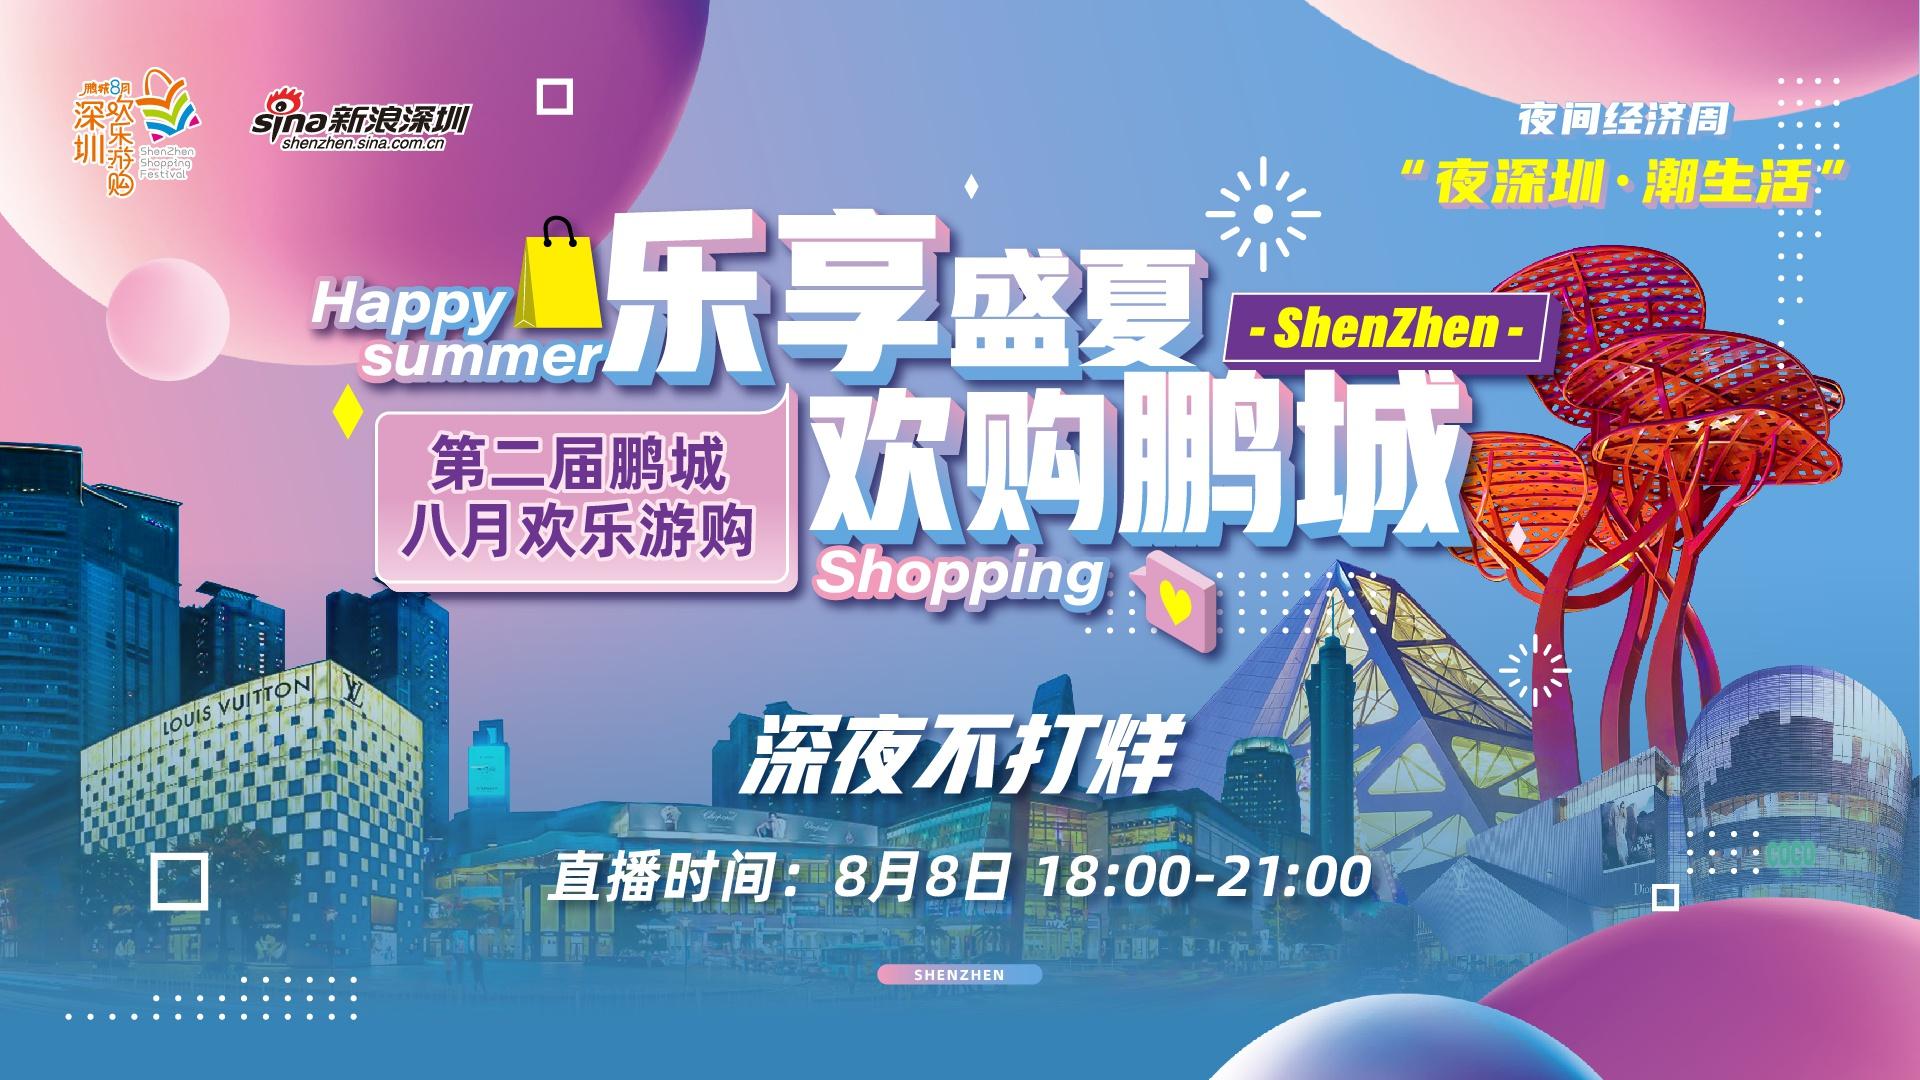 第二届鹏城八月欢乐游购夜间经济周攻略